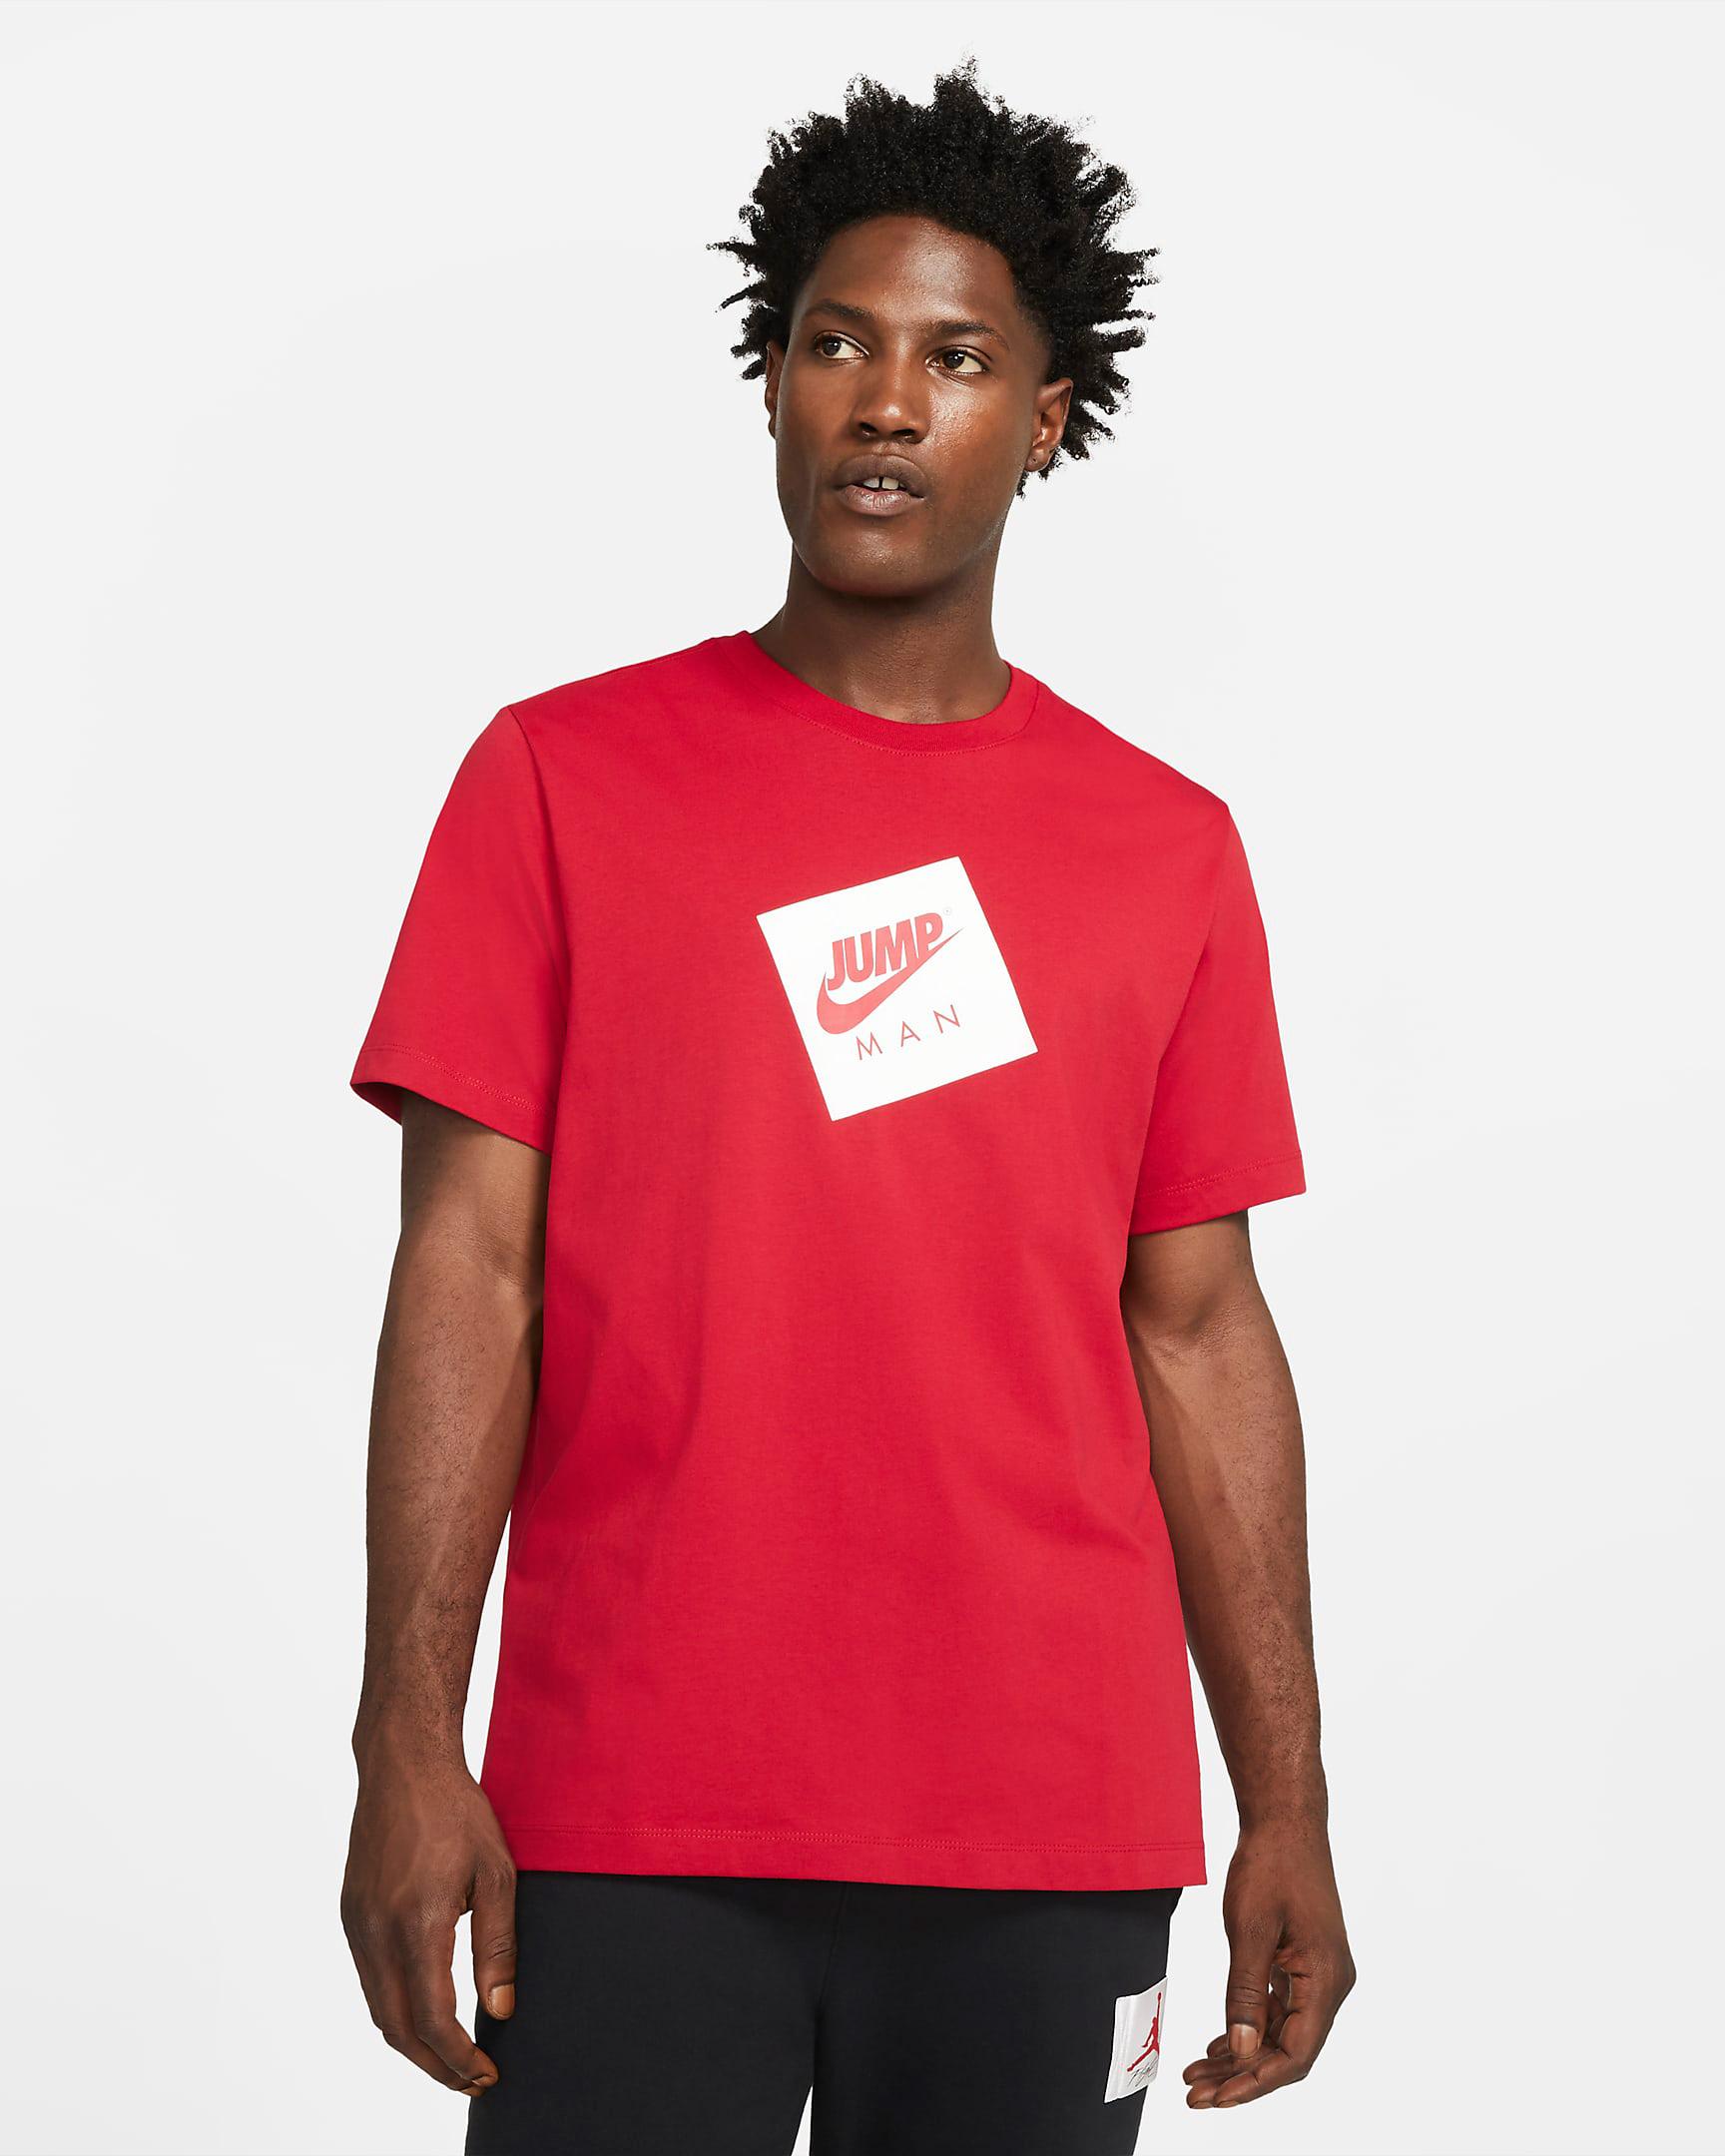 jordan-5-raging-bull-outfit-shirt-1